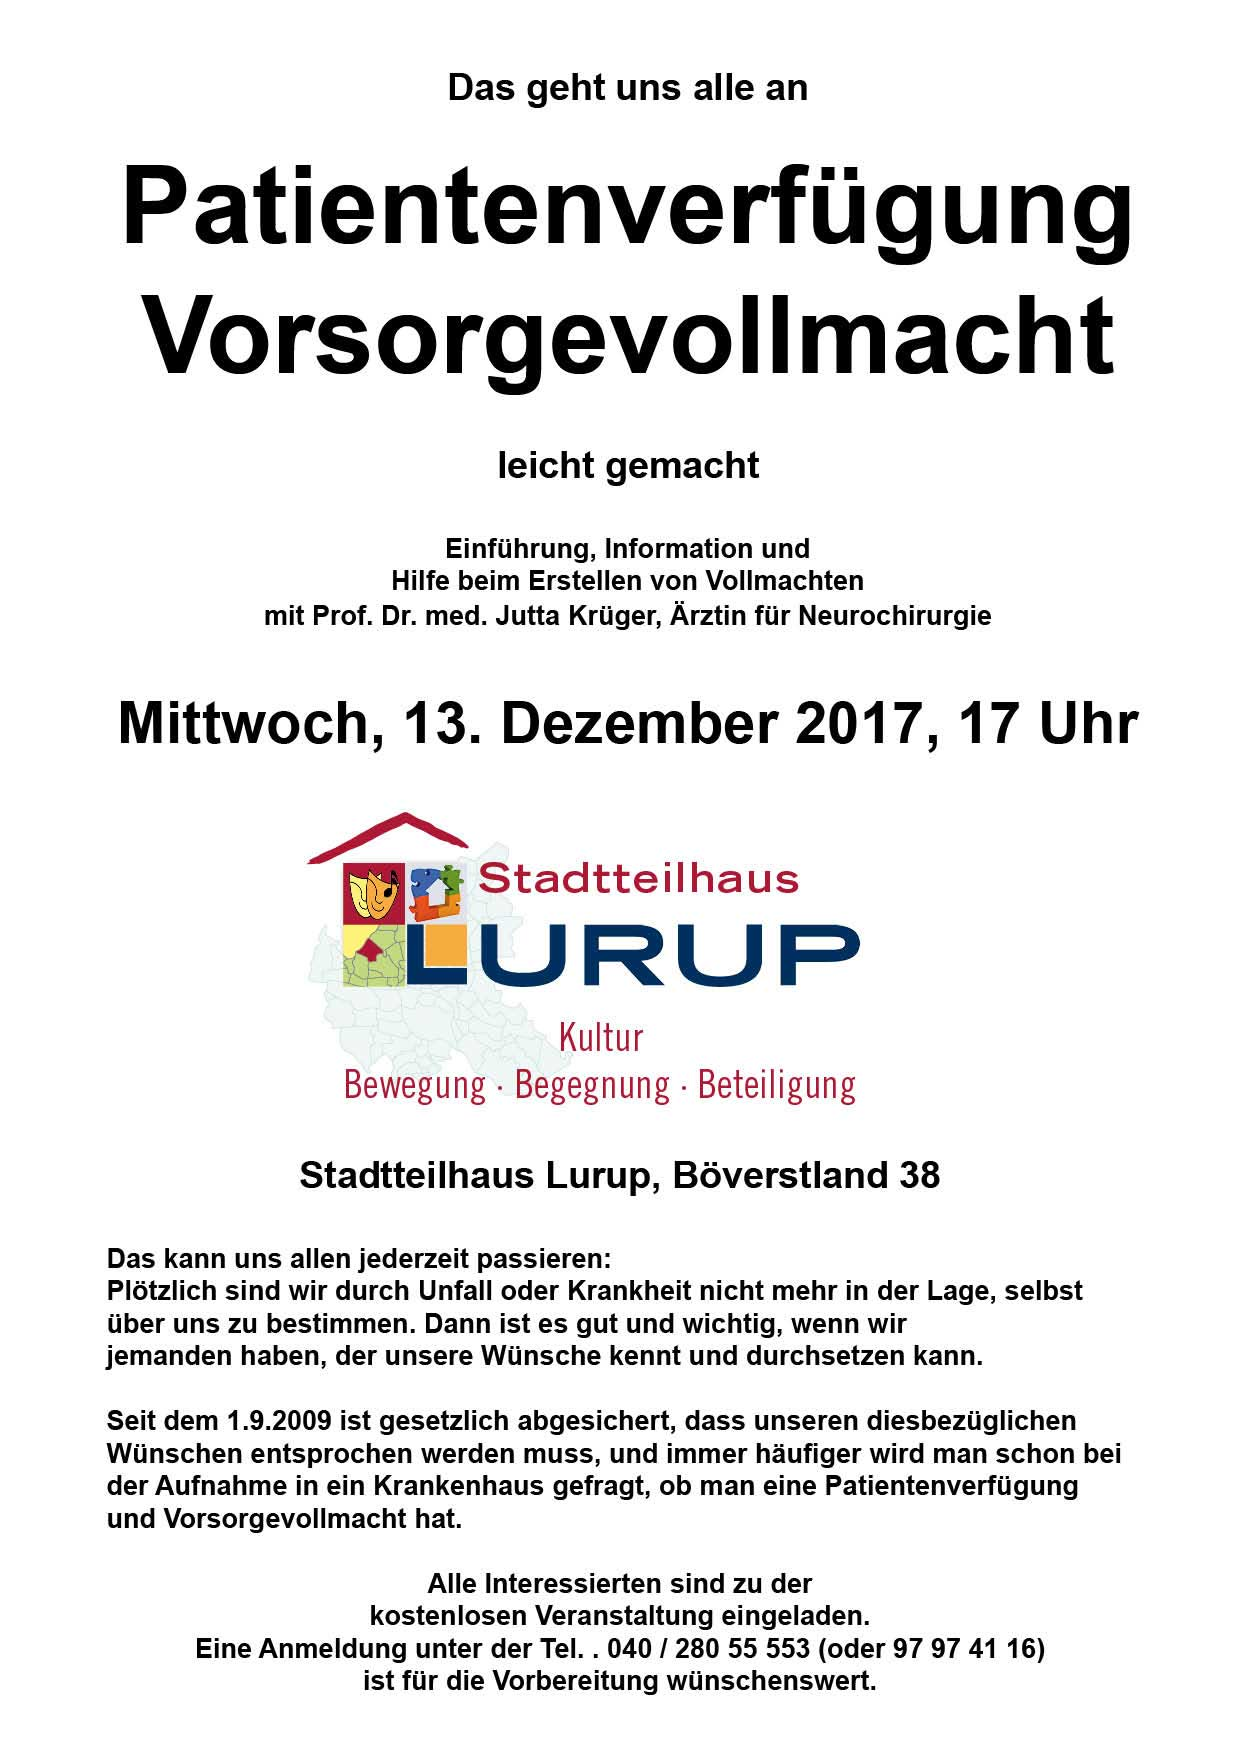 Plakt-Patientenverfügung13-.12.17WEB